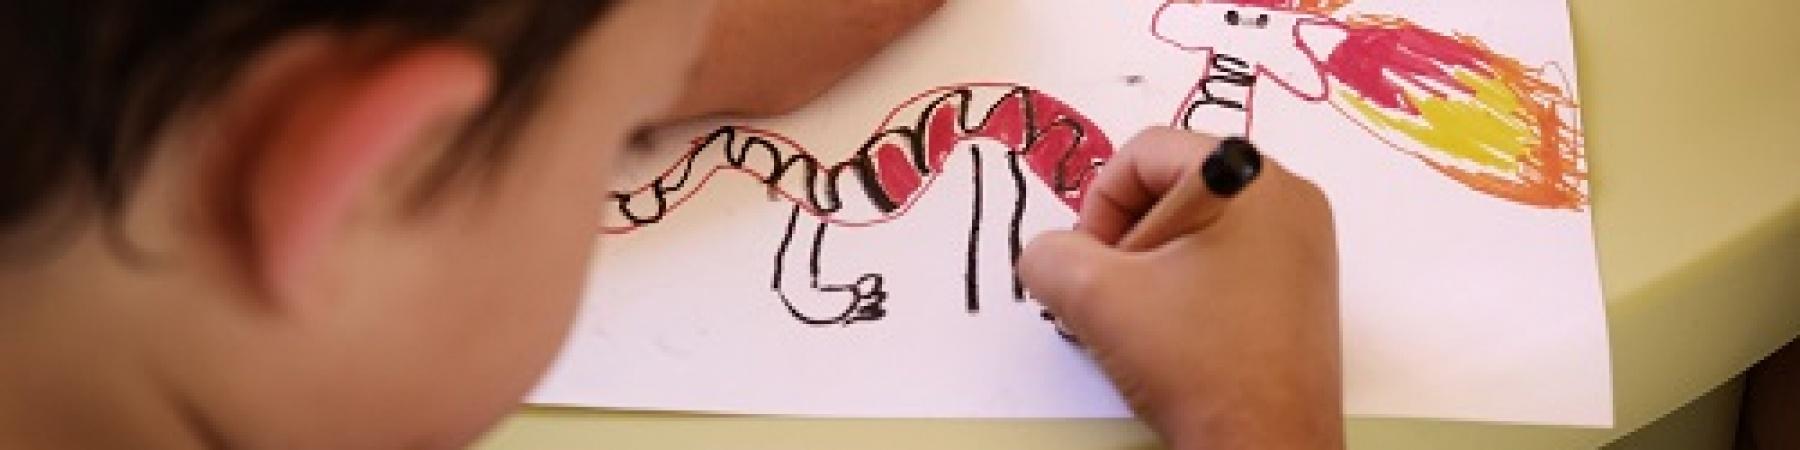 bambino di spalle che disegna un drago